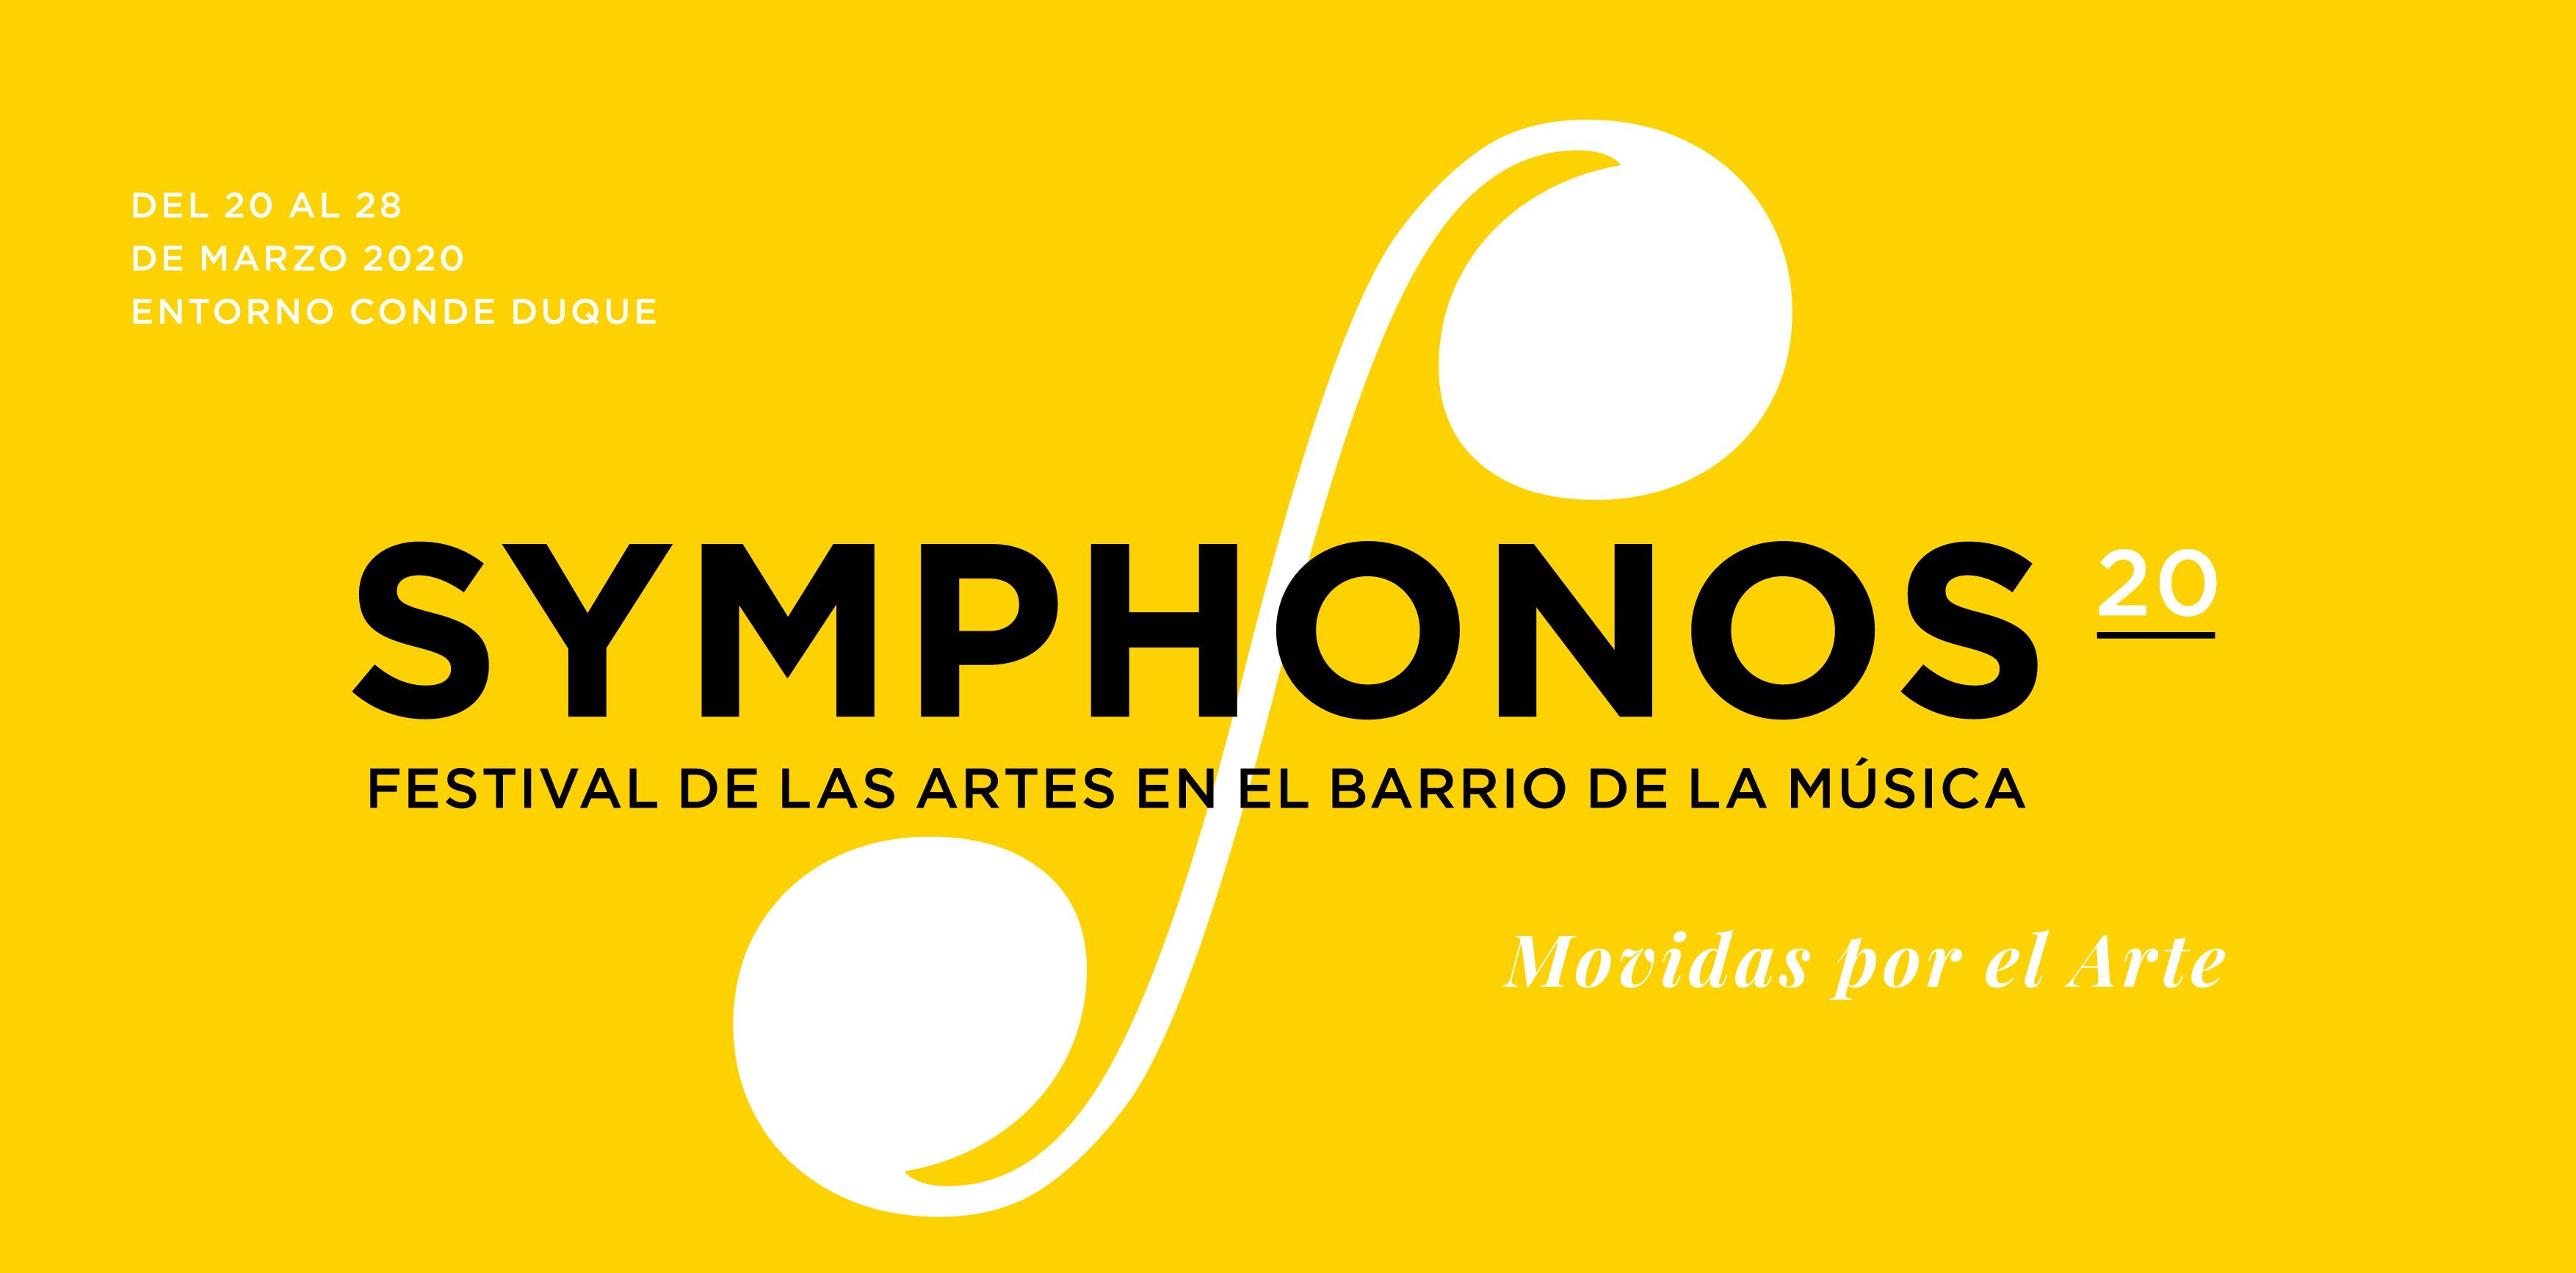 symphonos20